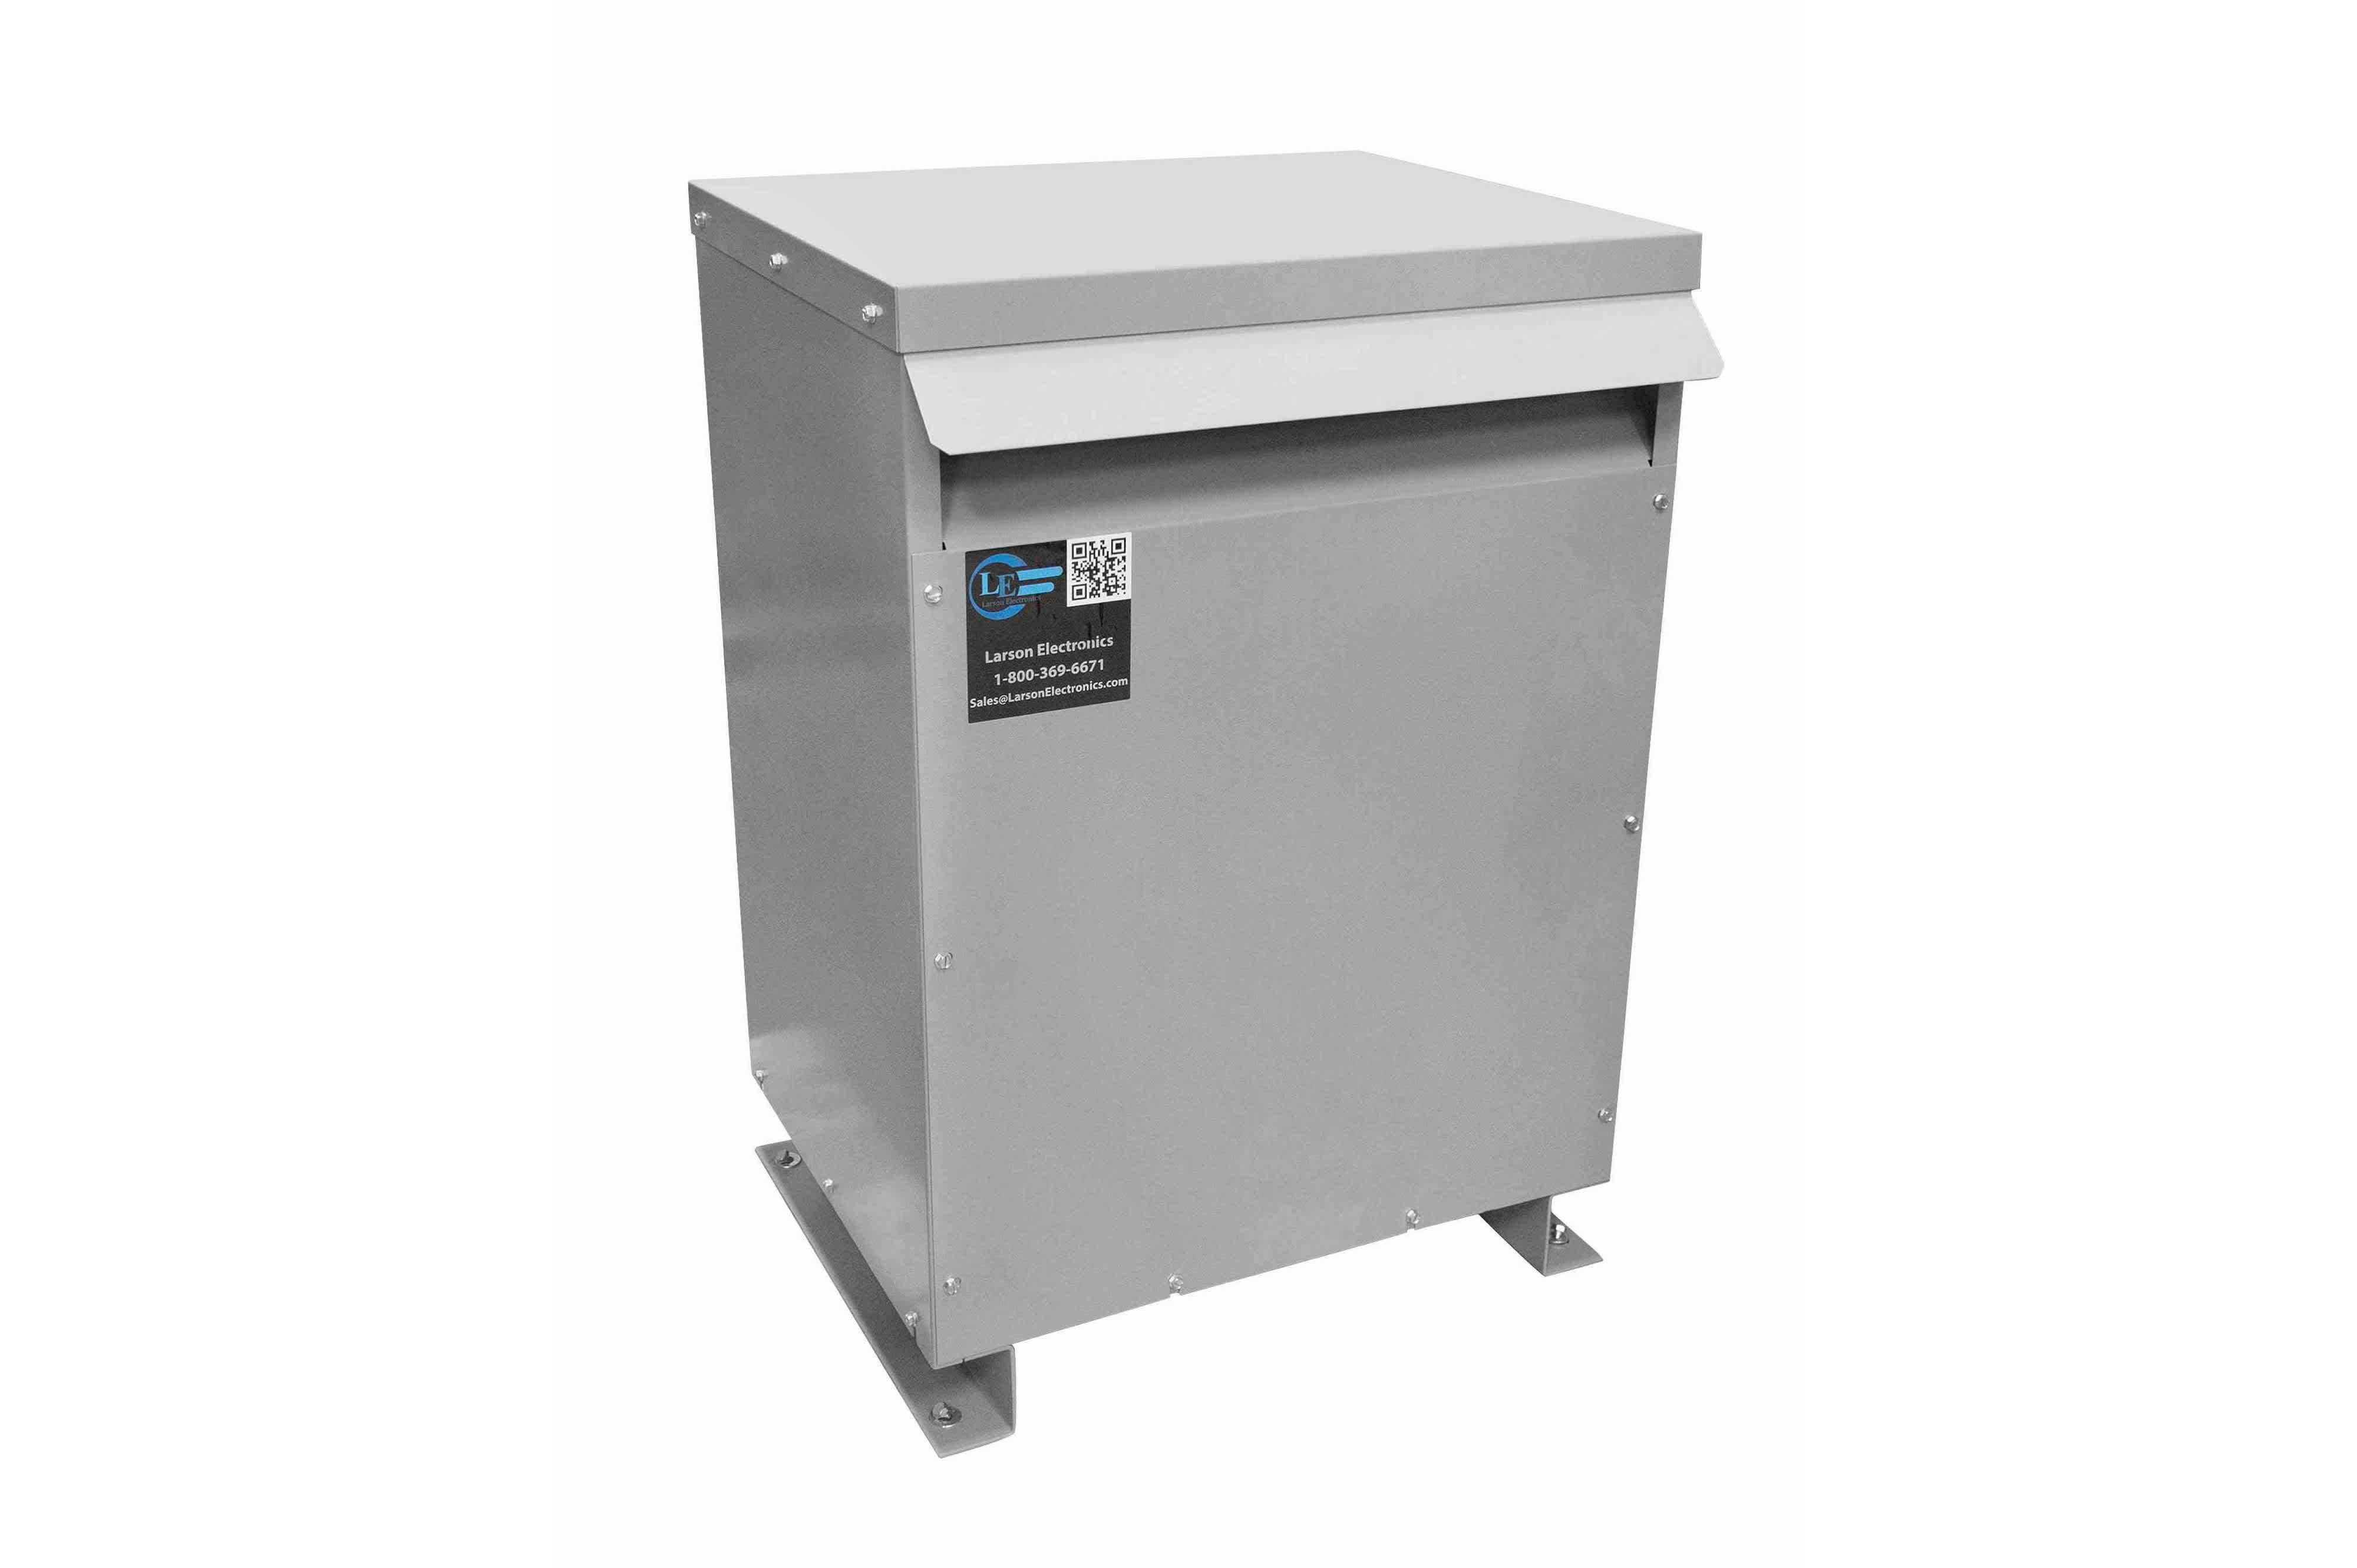 100 kVA 3PH DOE Transformer, 415V Delta Primary, 240V/120 Delta Secondary, N3R, Ventilated, 60 Hz